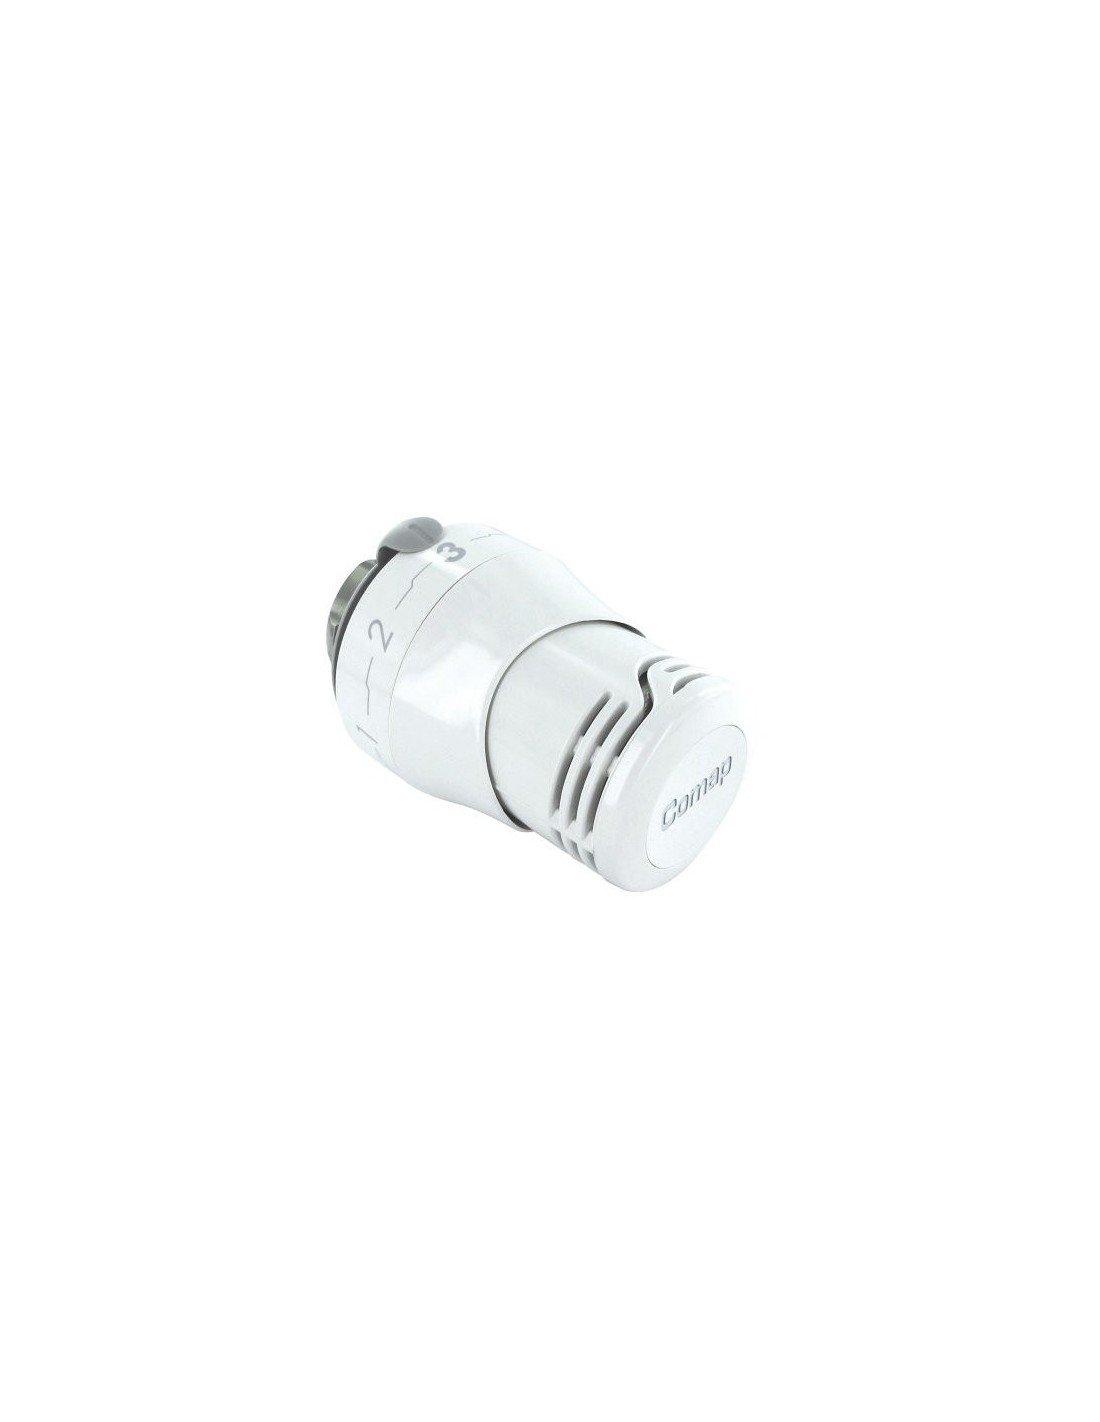 Tê te thermostatique de radiateur - M28 - Senso - Comap